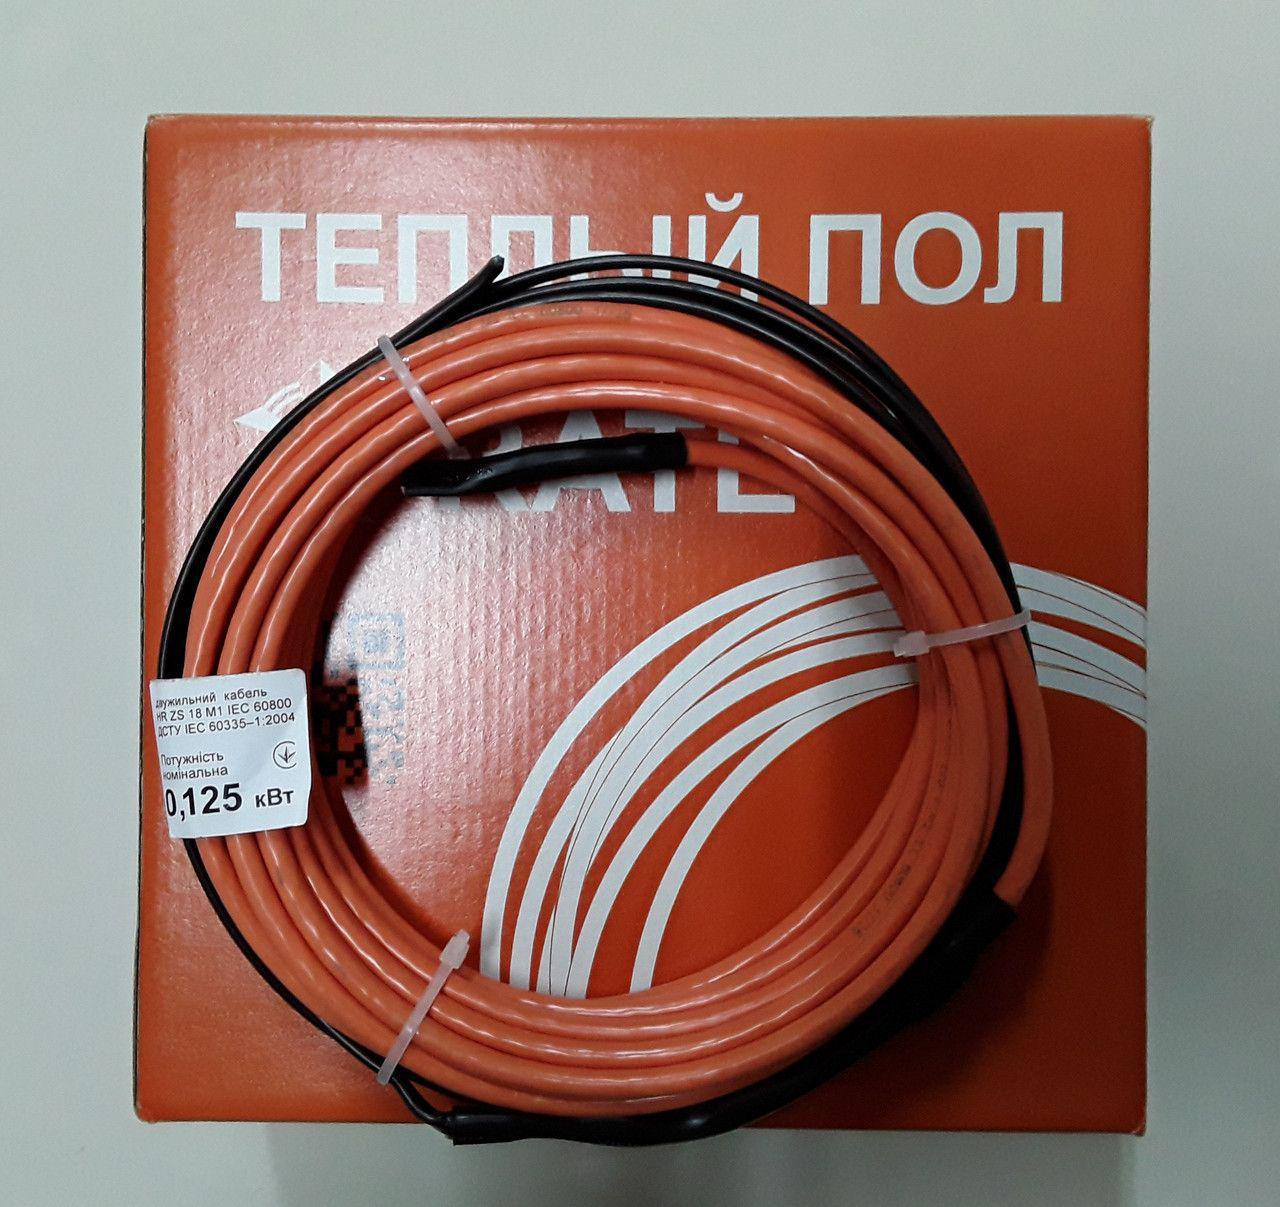 Нагревательный кабель Ratey RD2 760 (4.2 - 5.3 м2)